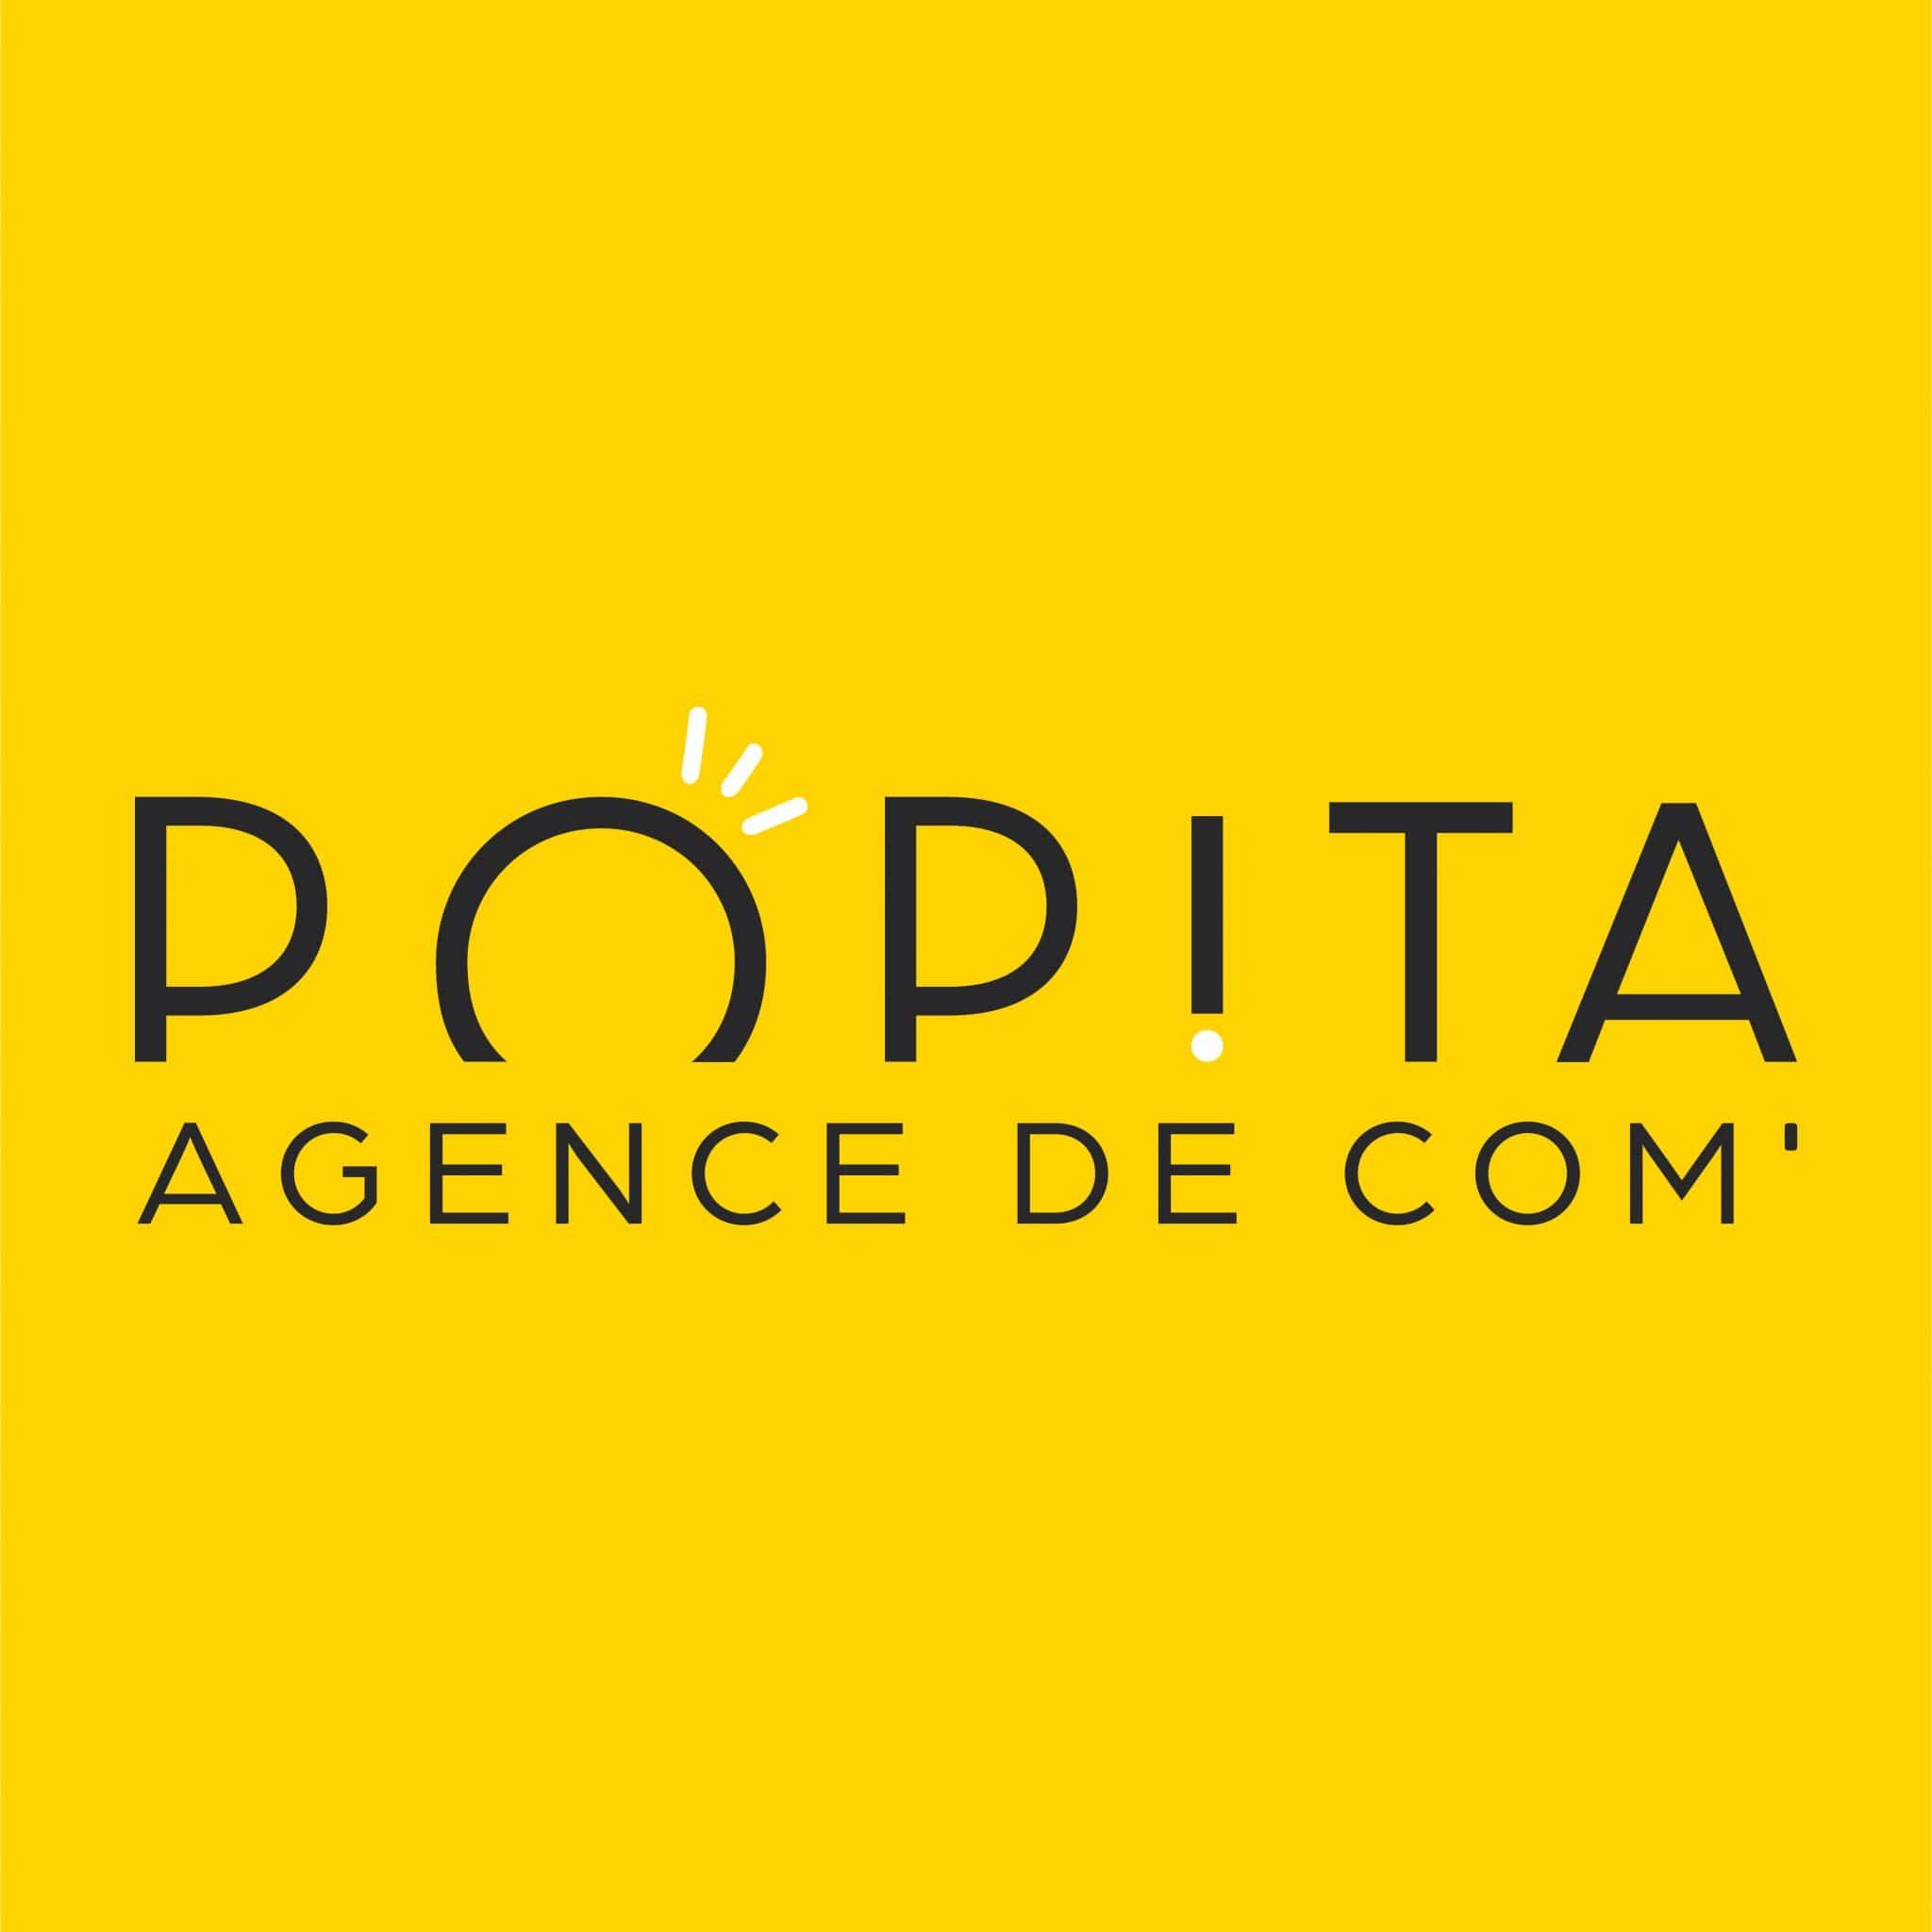 POPITA • Agence de com'